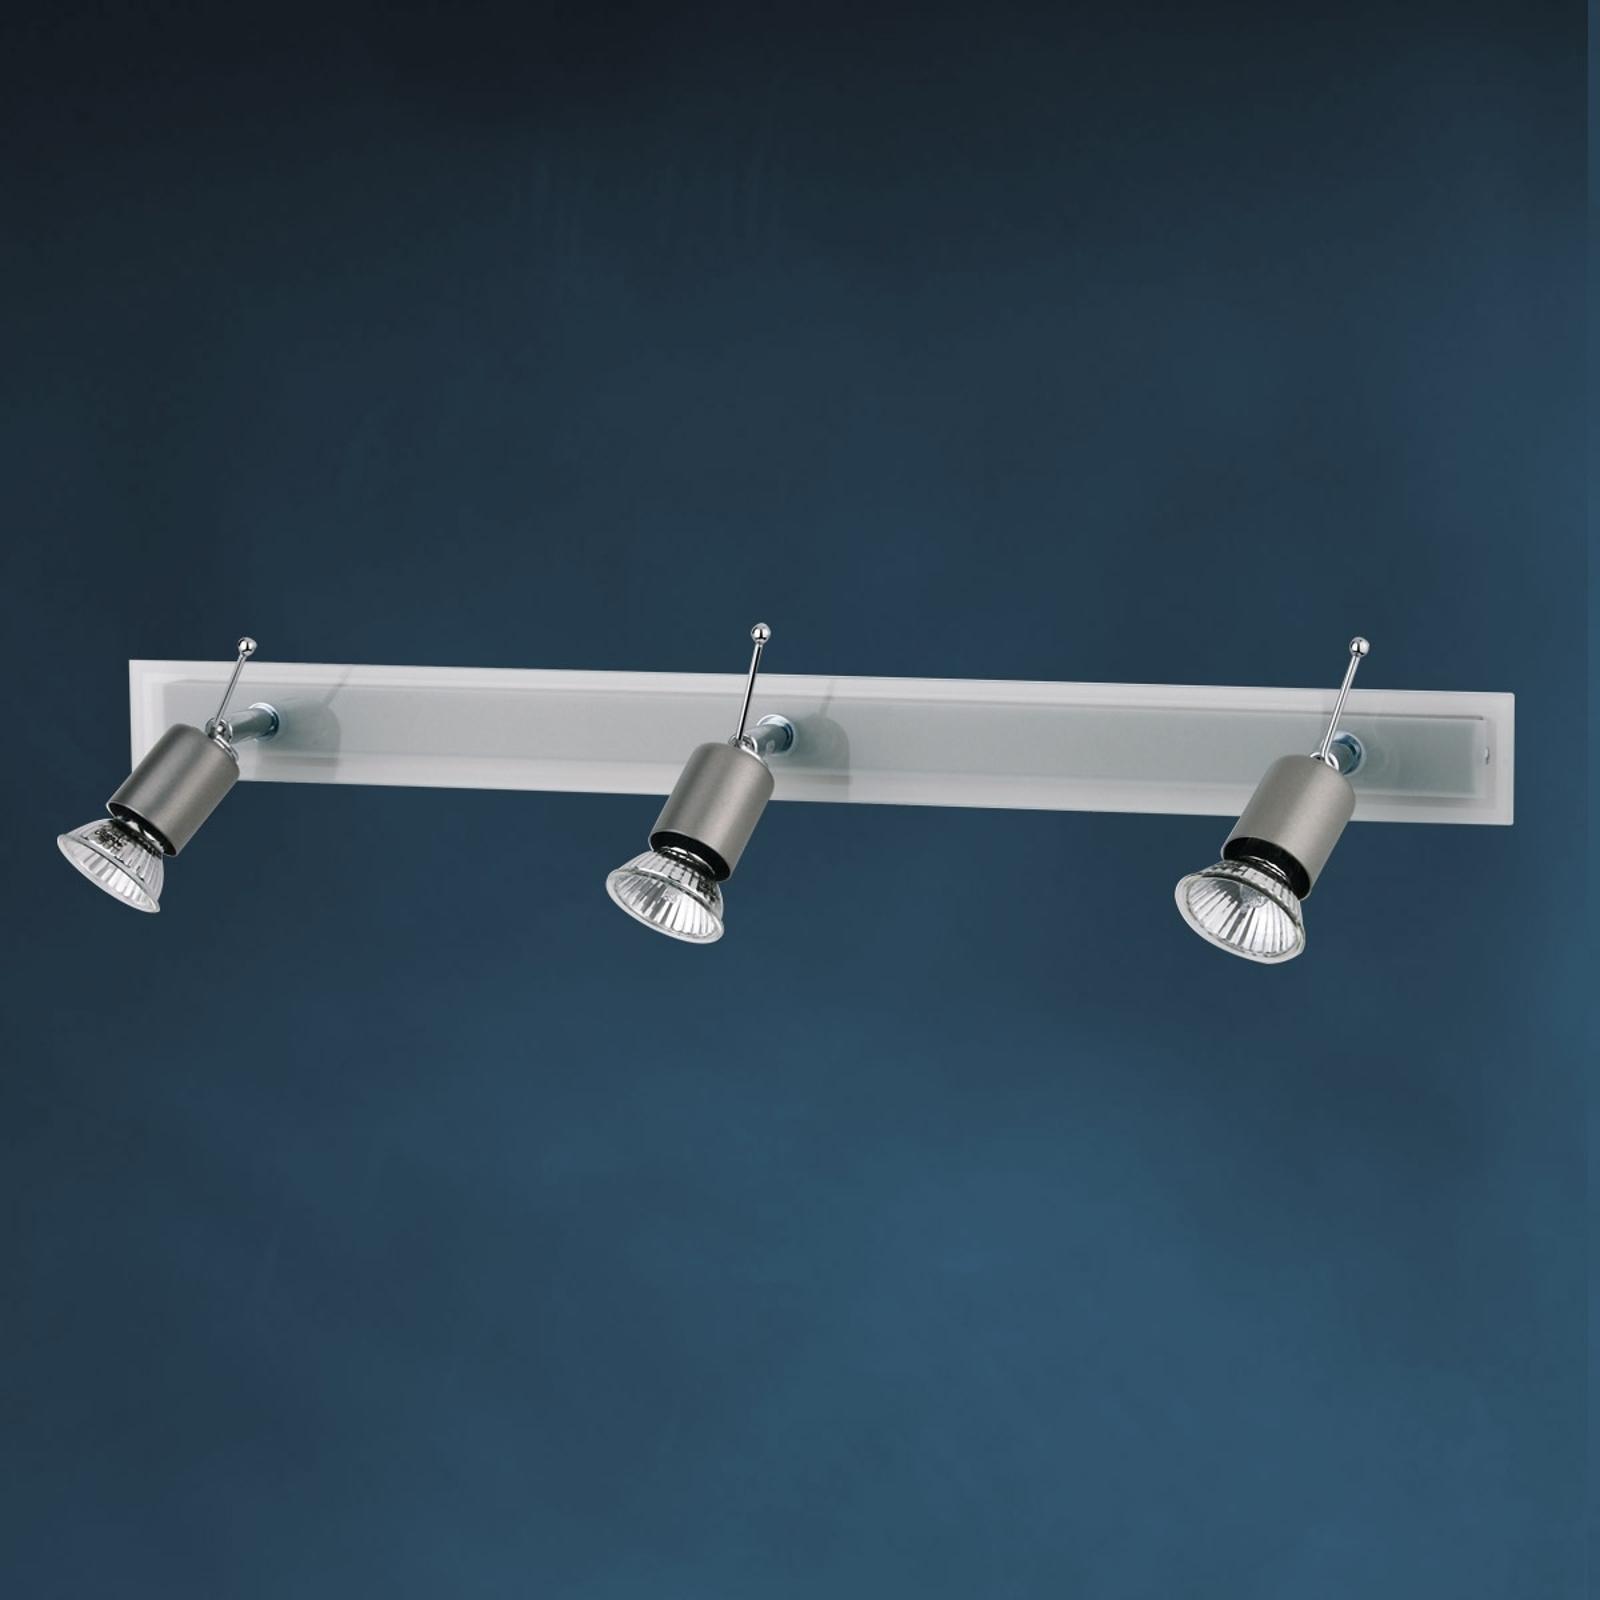 Förglasad väggspotlight SARA med 3 ljuskällor